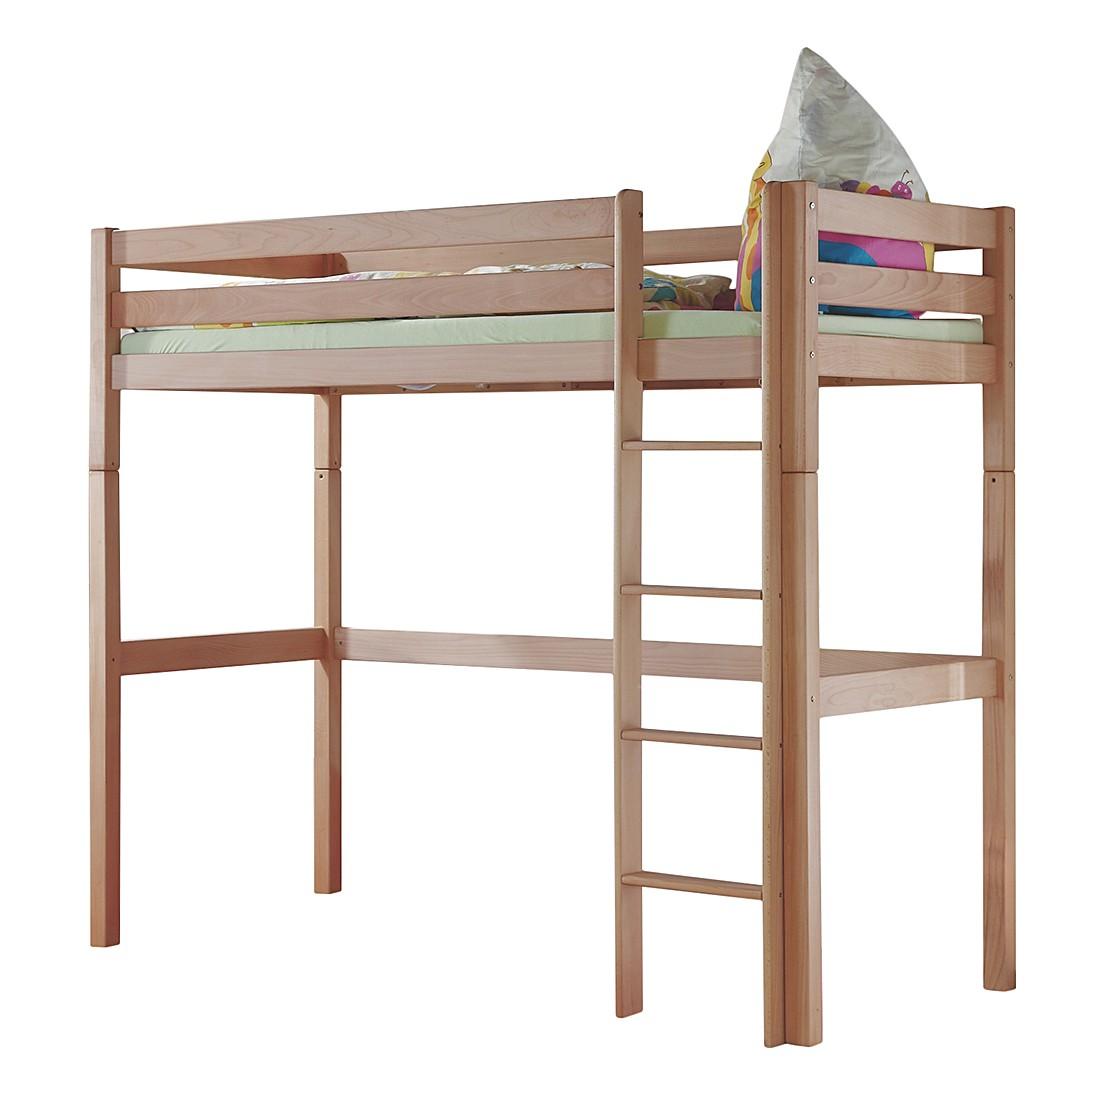 hochbett 180 x 200 preisvergleiche erfahrungsberichte. Black Bedroom Furniture Sets. Home Design Ideas